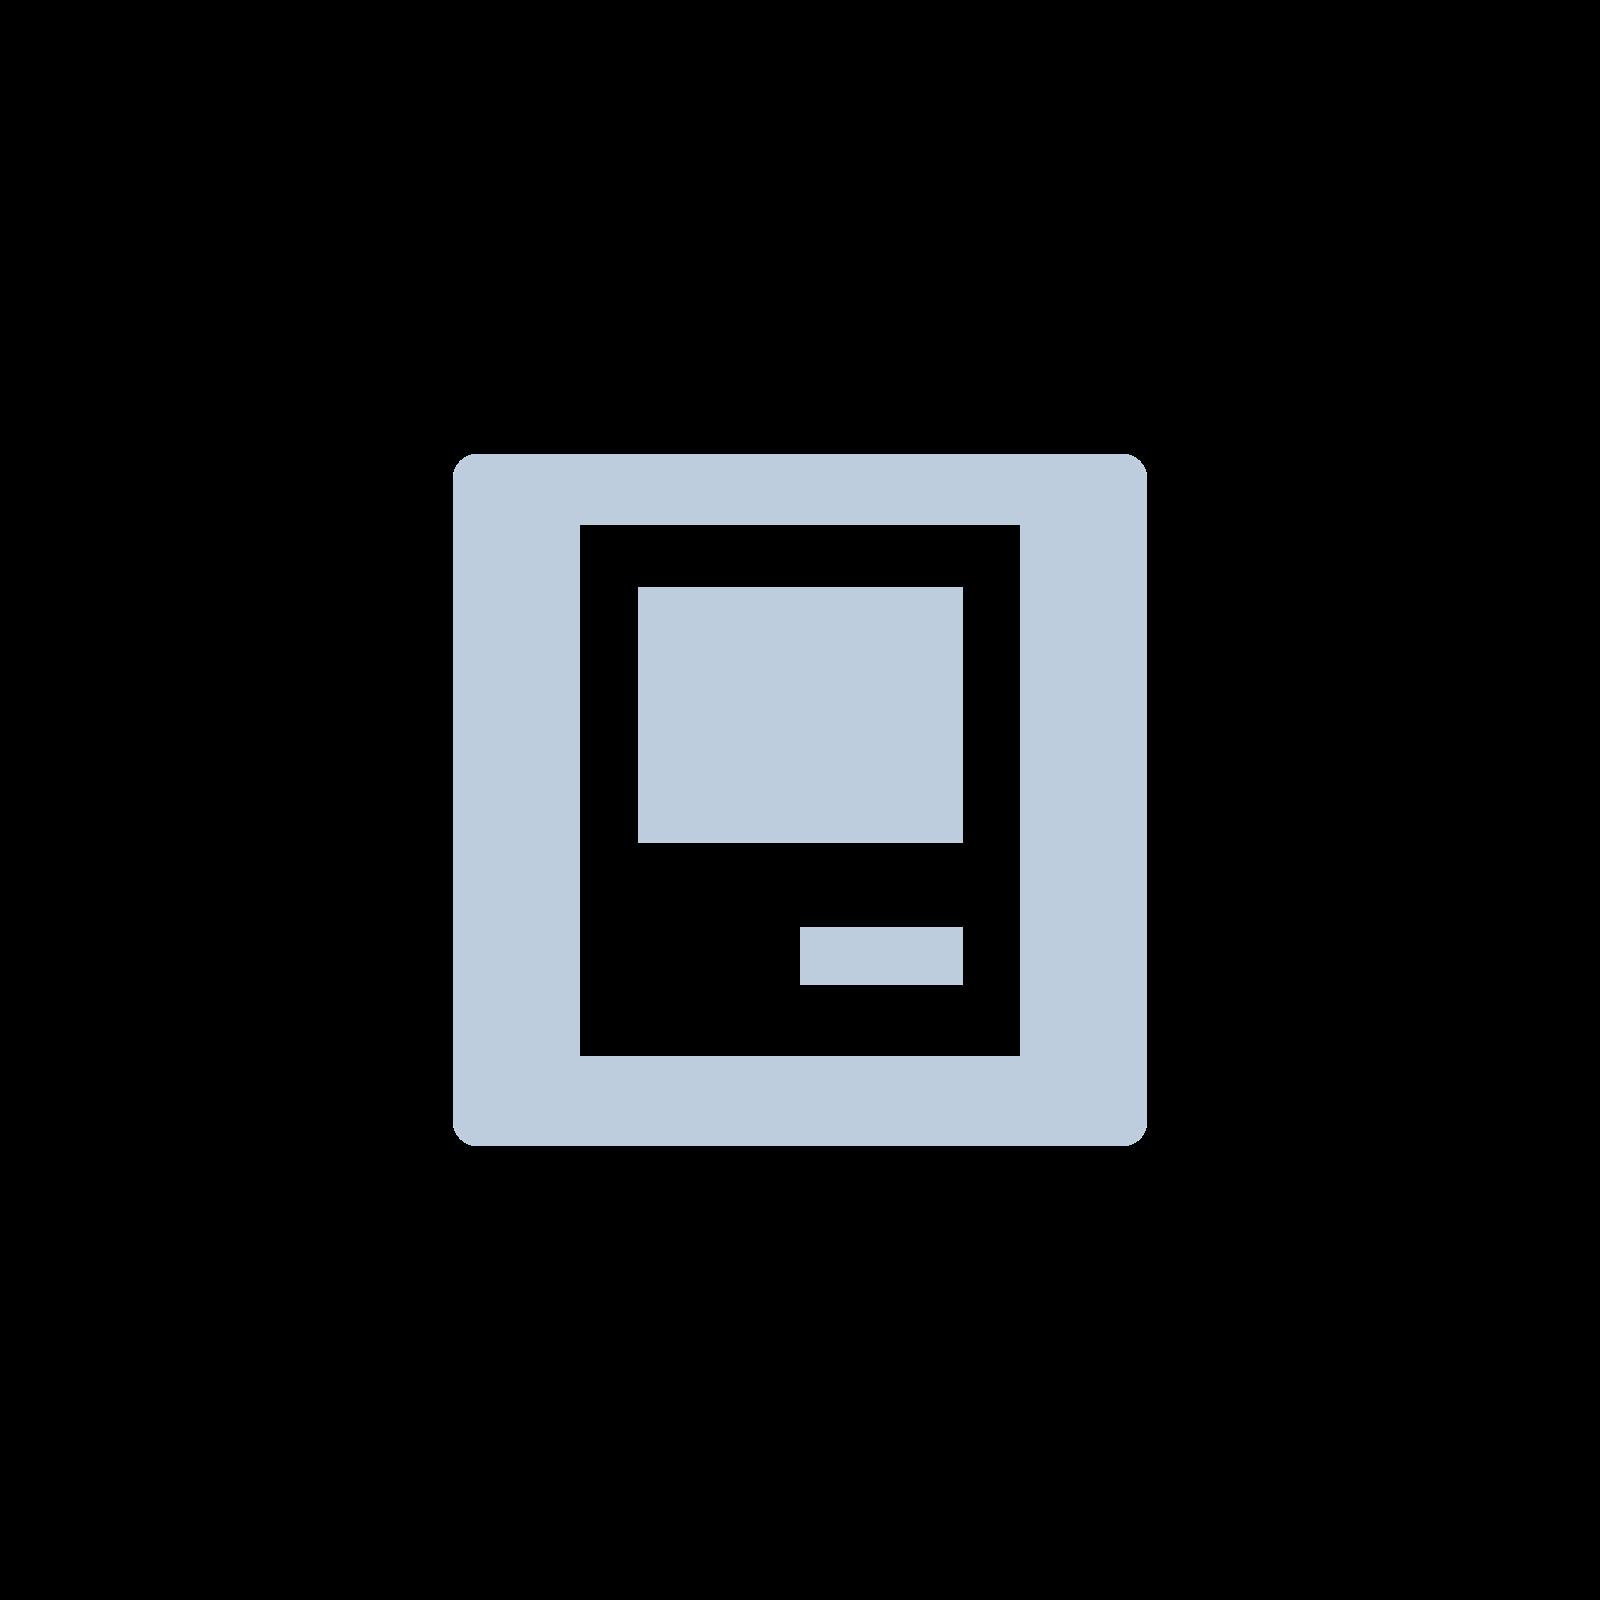 Mac mini Core i5 2,3 GHz (Macmini5,1, 500 GB HDD, 4 GB)